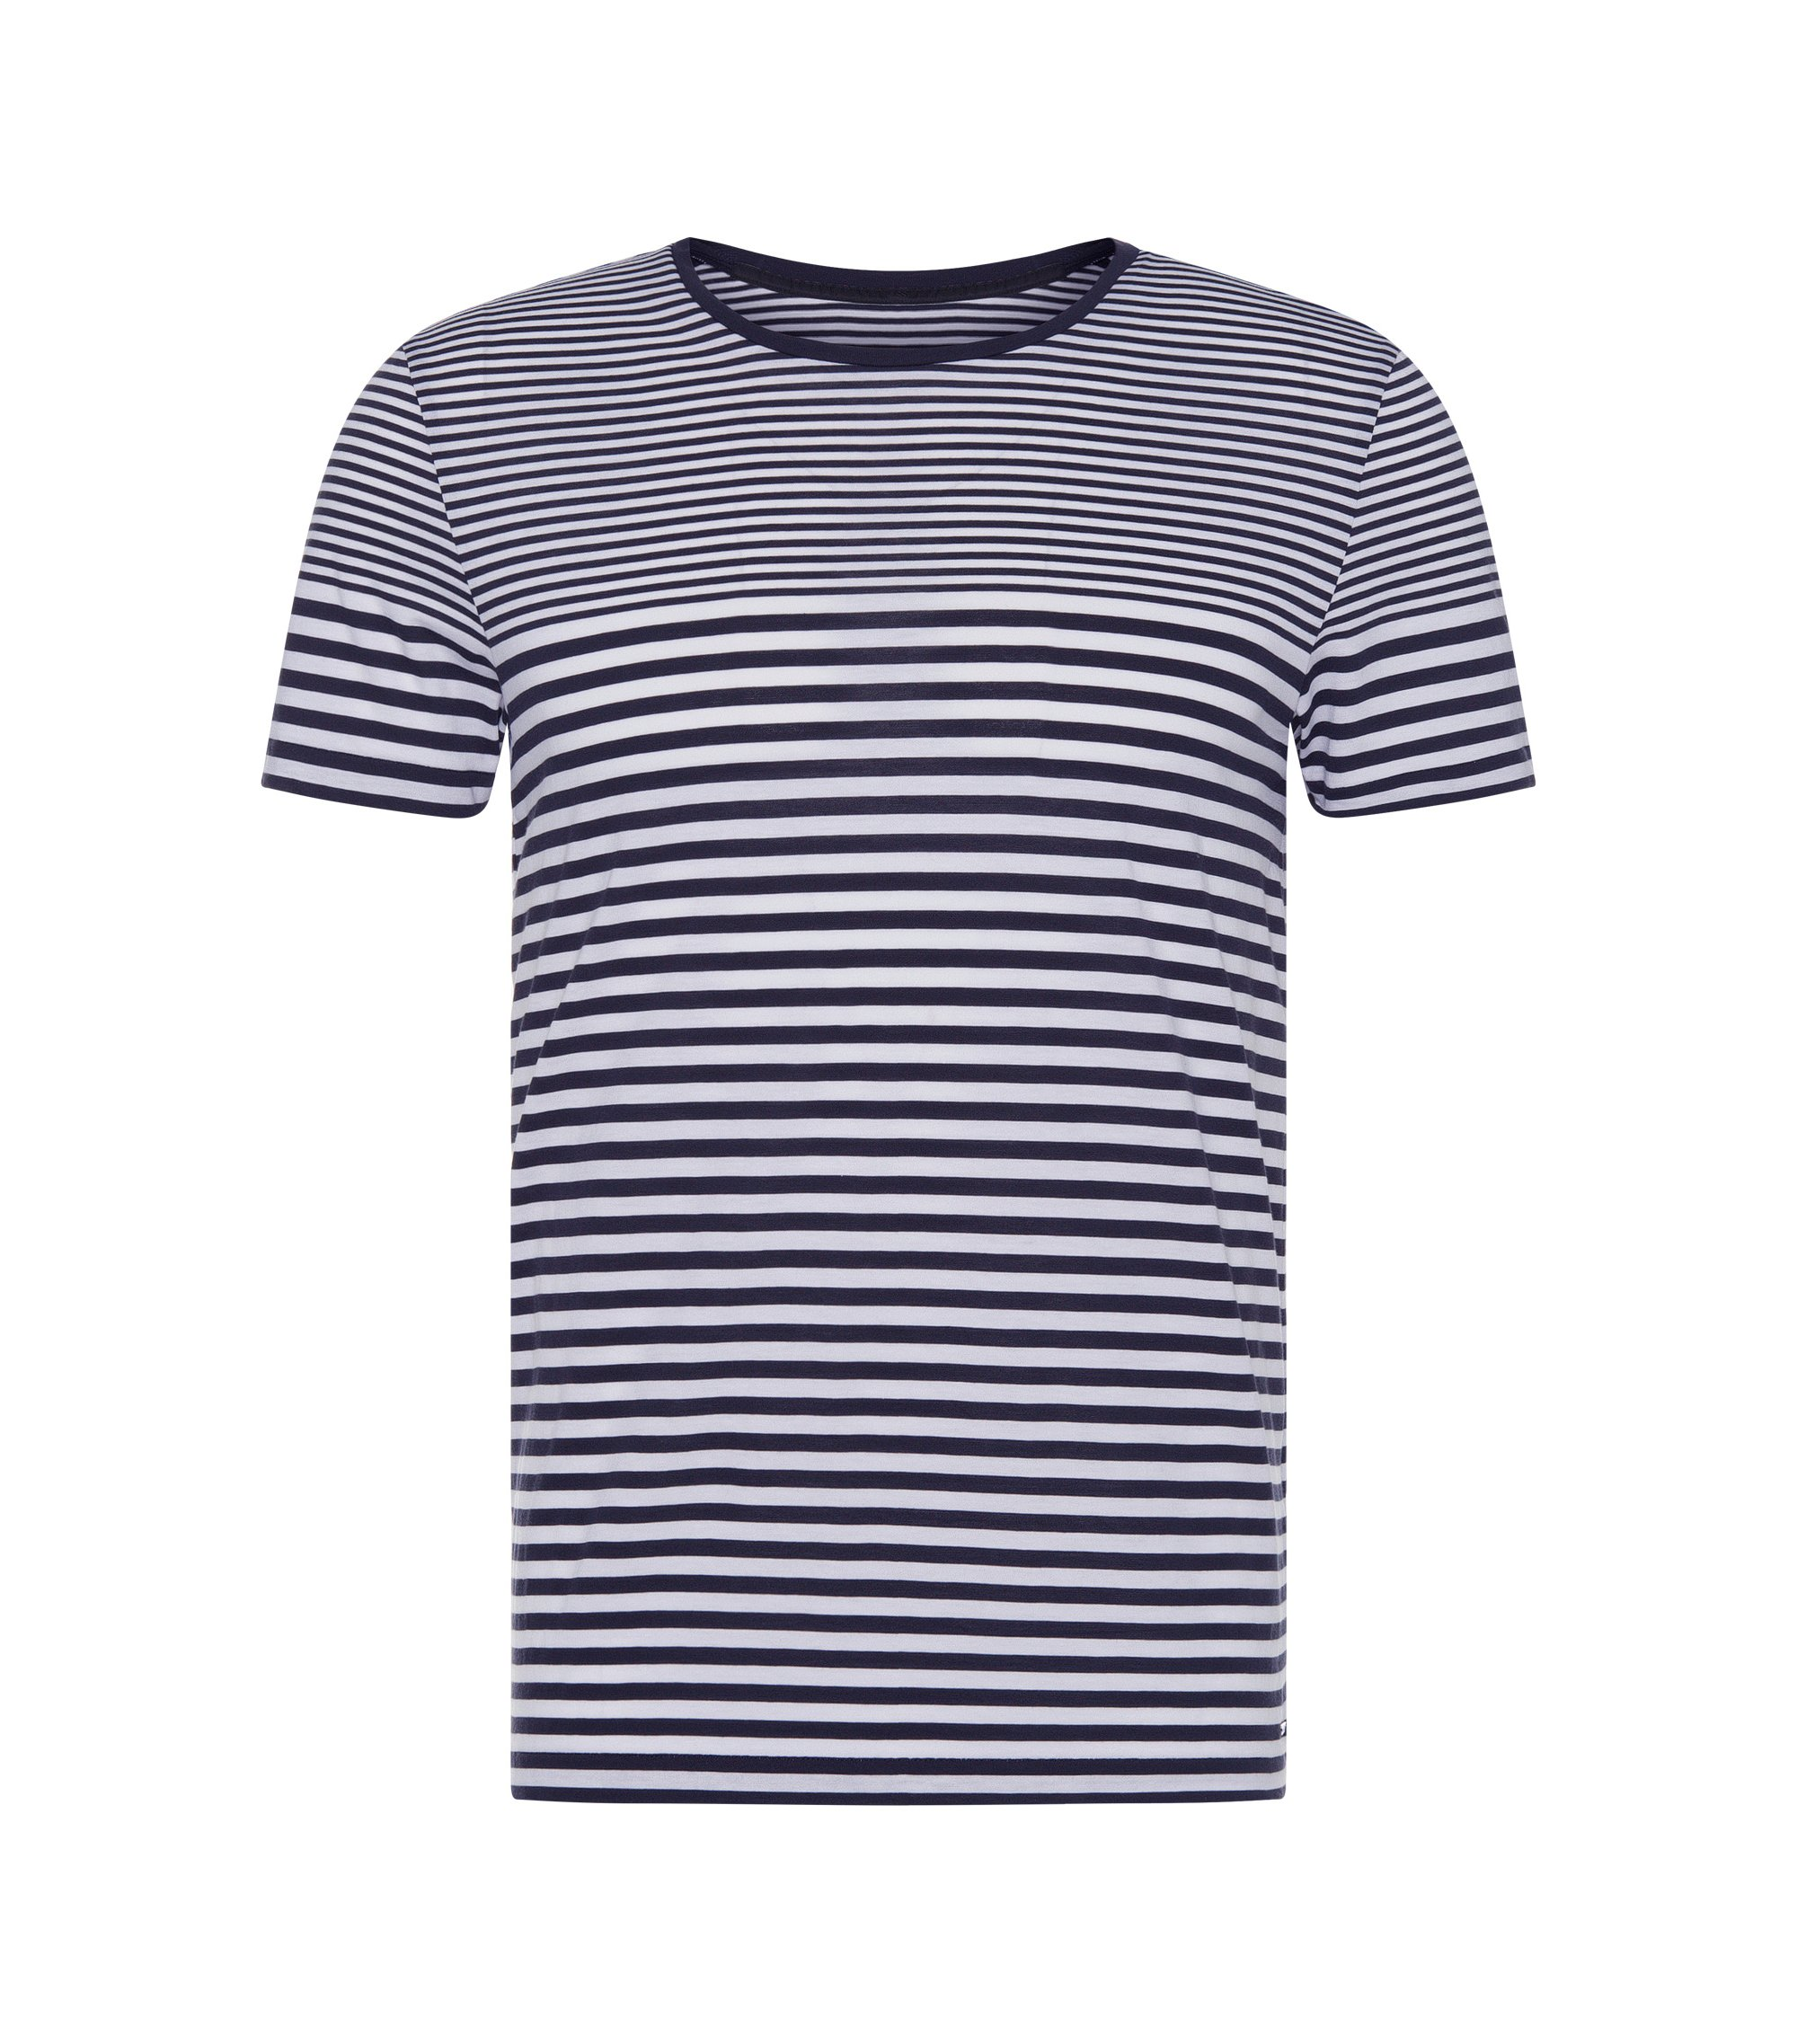 Cotton Engineered Stripe T-Shirt   Tessler WS, Dark Blue